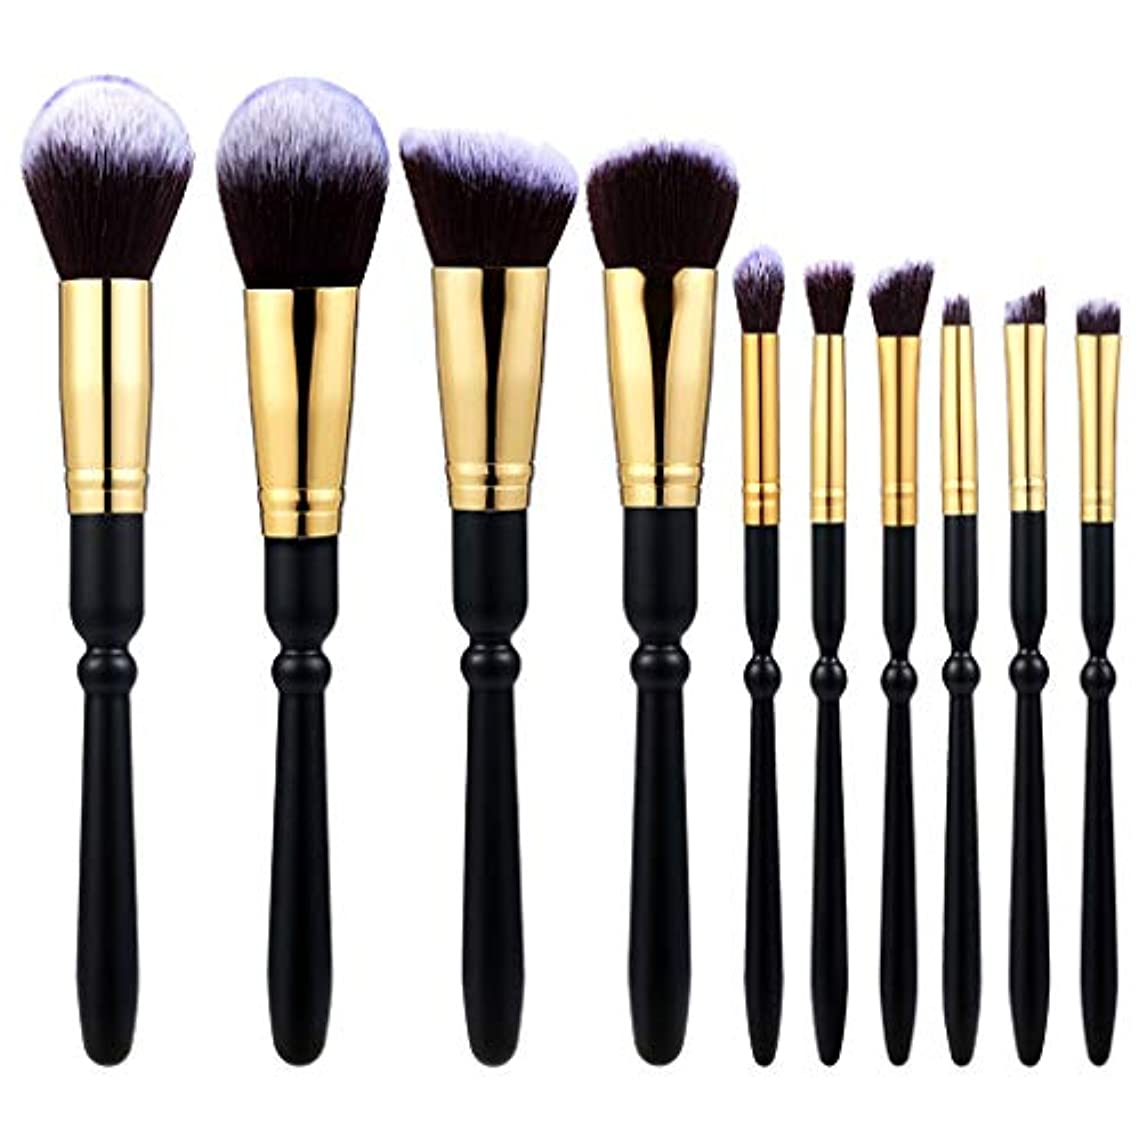 航海机ハンディキャップAkane 10本 美感 上等 優雅 ブラック 綺麗 たっぷり 多機能 便利 高級 魅力的 柔らかい おしゃれ 激安 日常 仕事 Makeup Brush メイクアップブラシ TMB10-2021